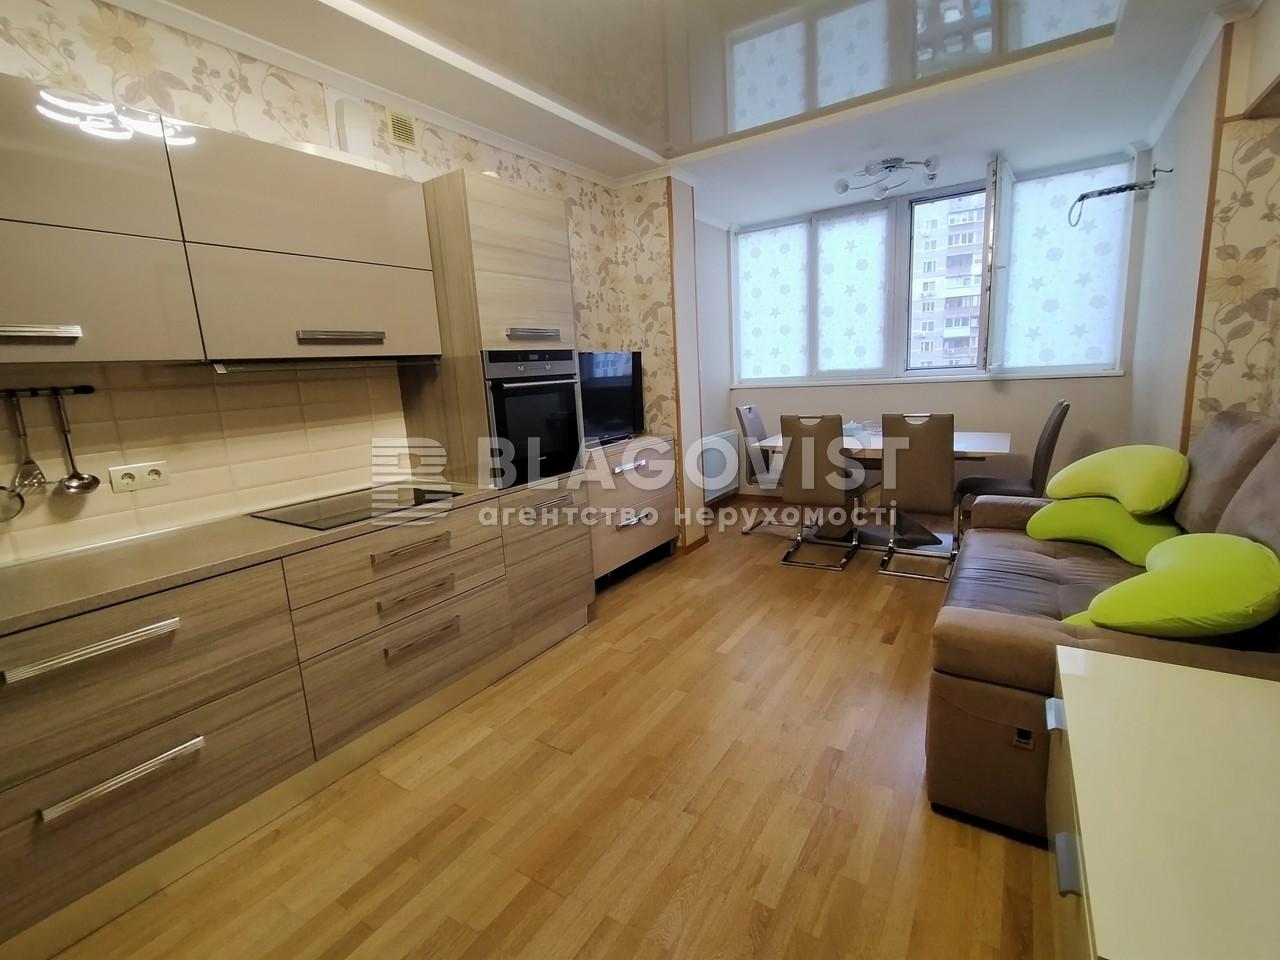 Квартира F-44793, Драгоманова, 40ж, Киев - Фото 1